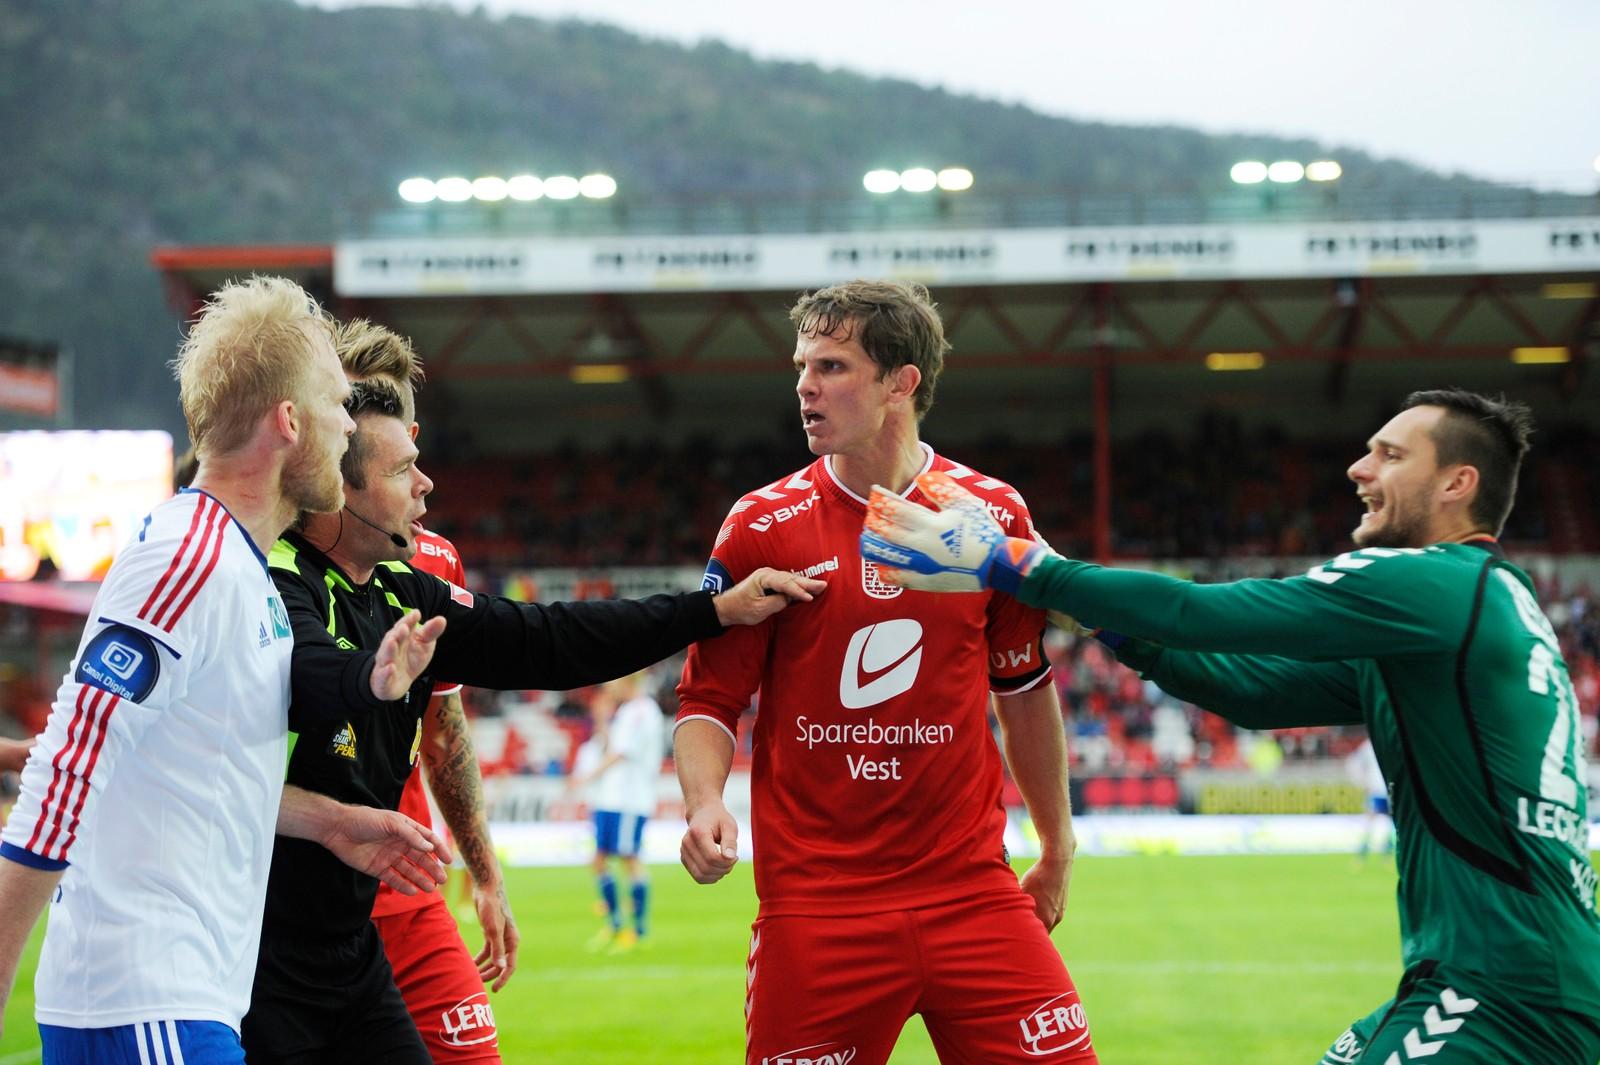 HISSIG: Det meste gikk galt for Brann i 2014-sesongen. Her må keeper Piotr Leciejewski dra Hanstveit vekk fra en krangel med Vålerengas Nicolai Høgh og dommer Per Ivar Staberg. Enga vant kampen 3-2.